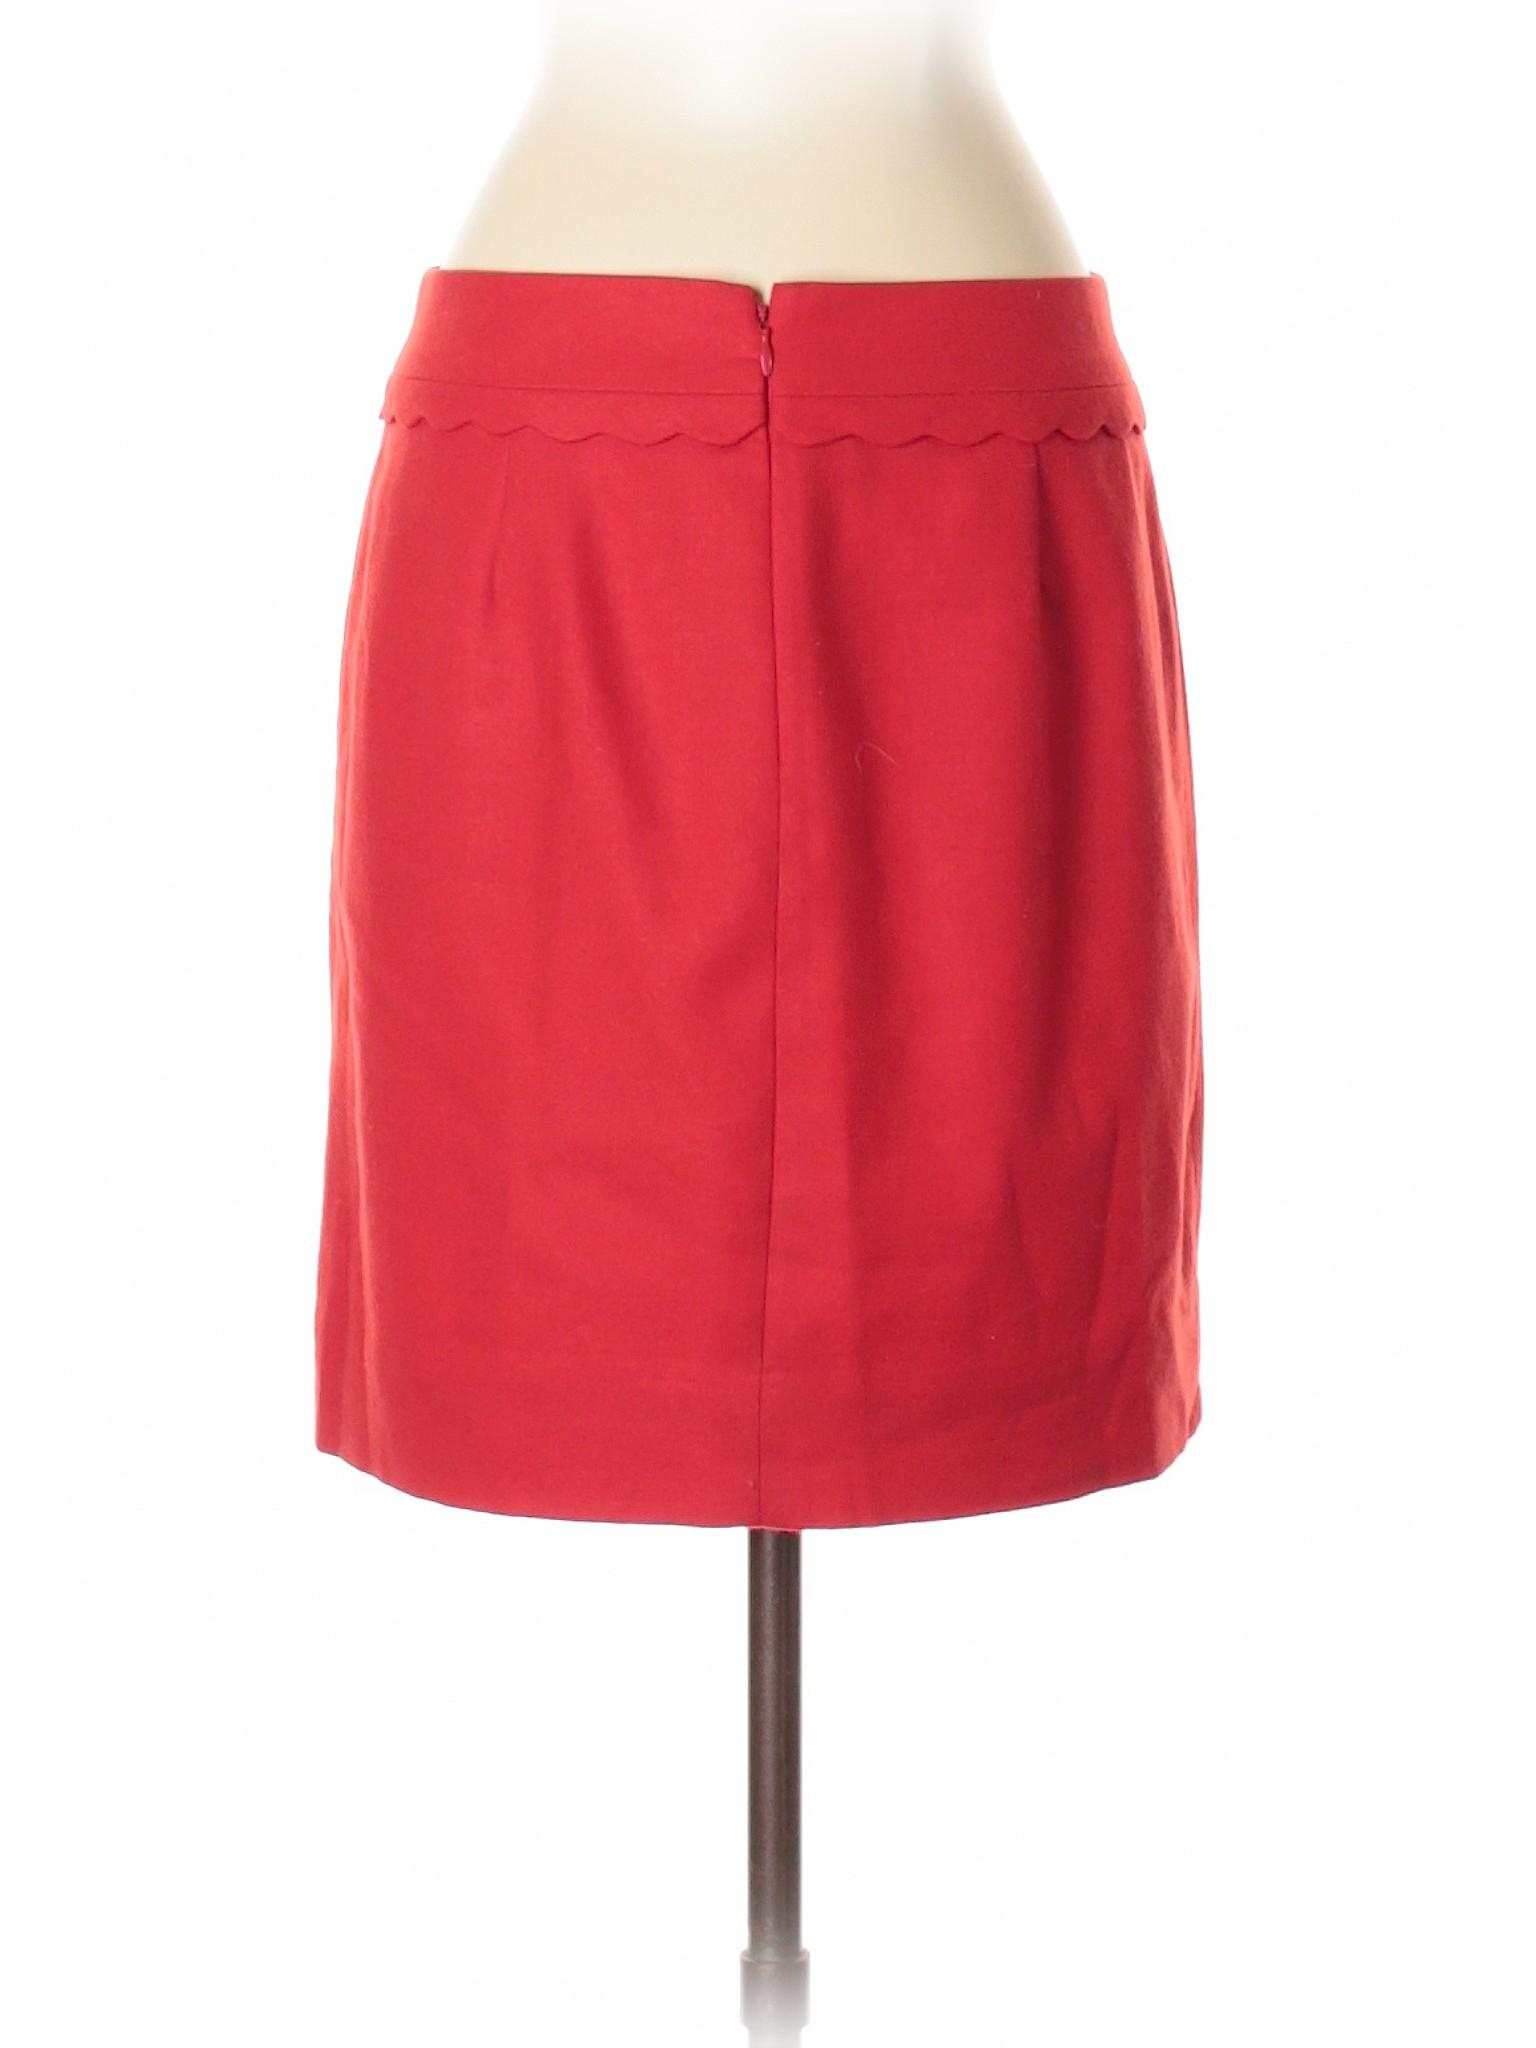 Skirt Wool Boutique Skirt Boutique Boutique Wool RpwxvHxqE